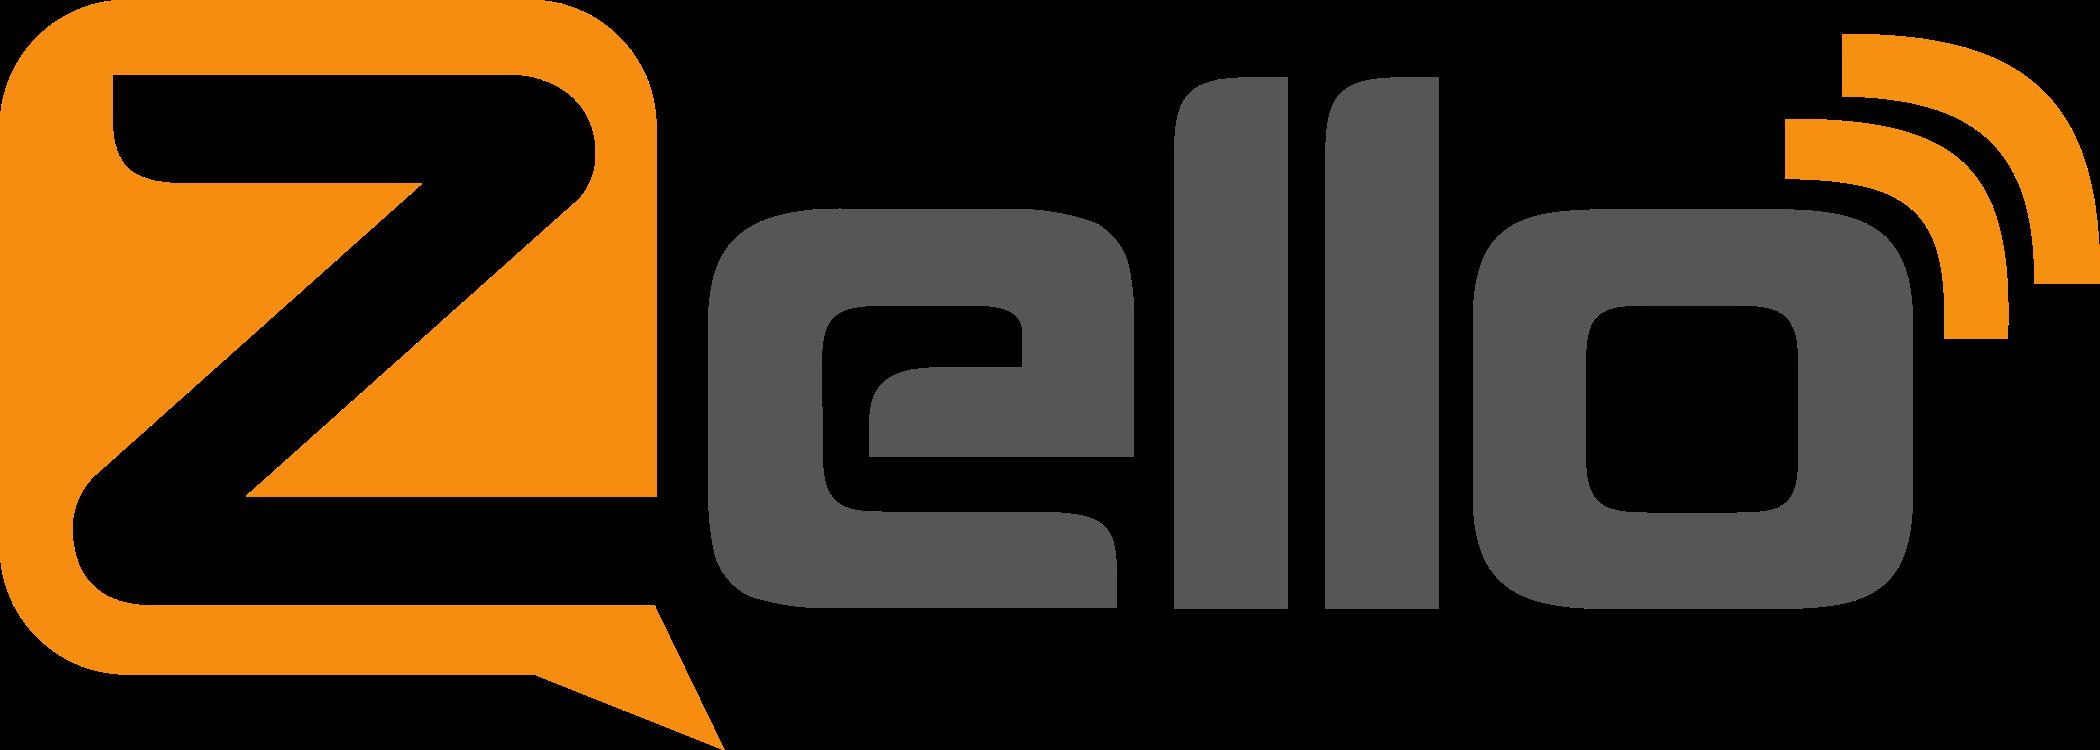 zello logo 2 - Zello Logo